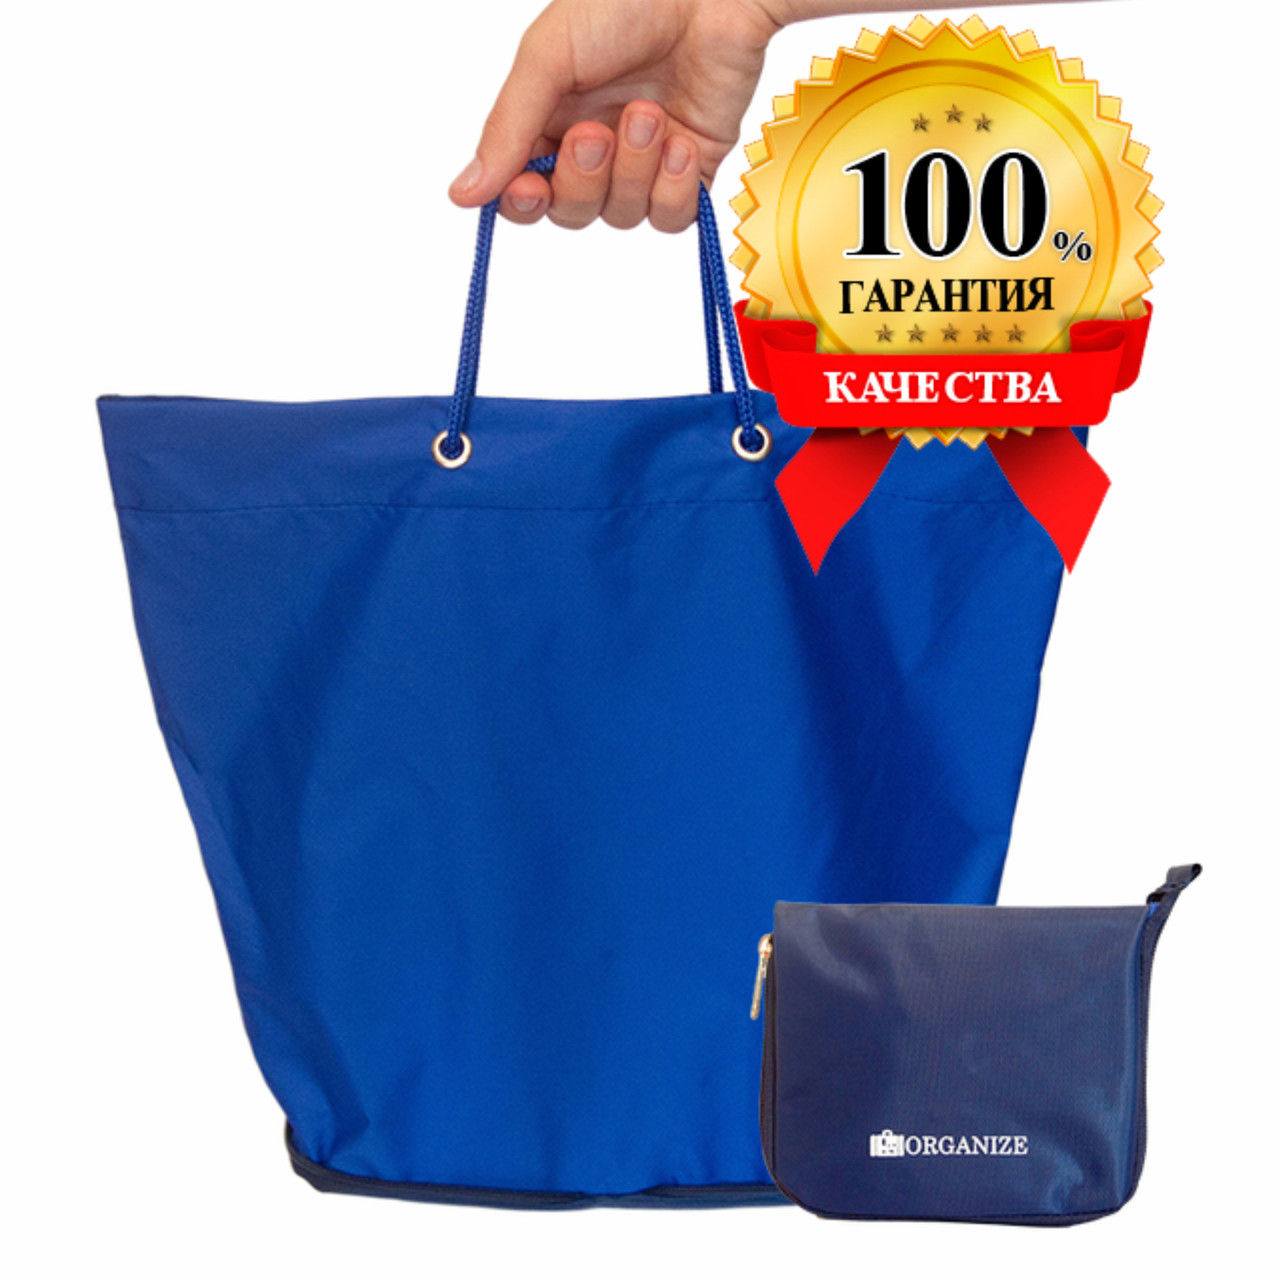 Сумка для покупок/Shopper bag ORGANIZE (синий)